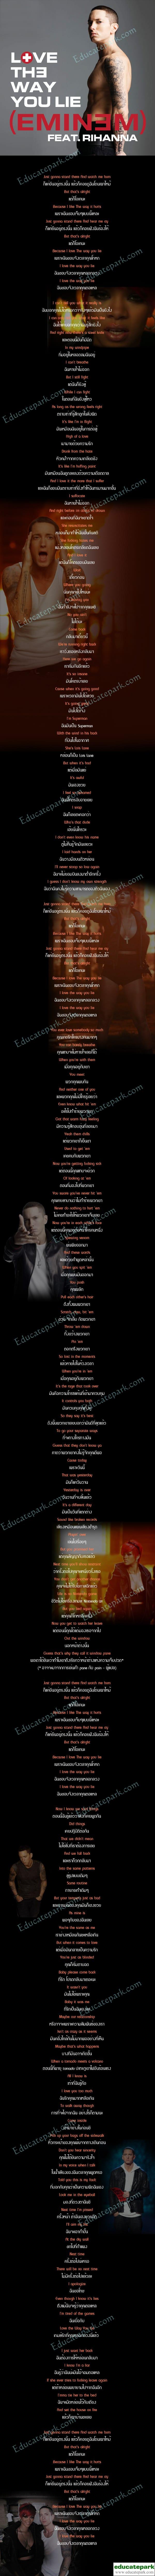 แปลเพลง Love The Way You Lie - Eminem Featuring Rihanna